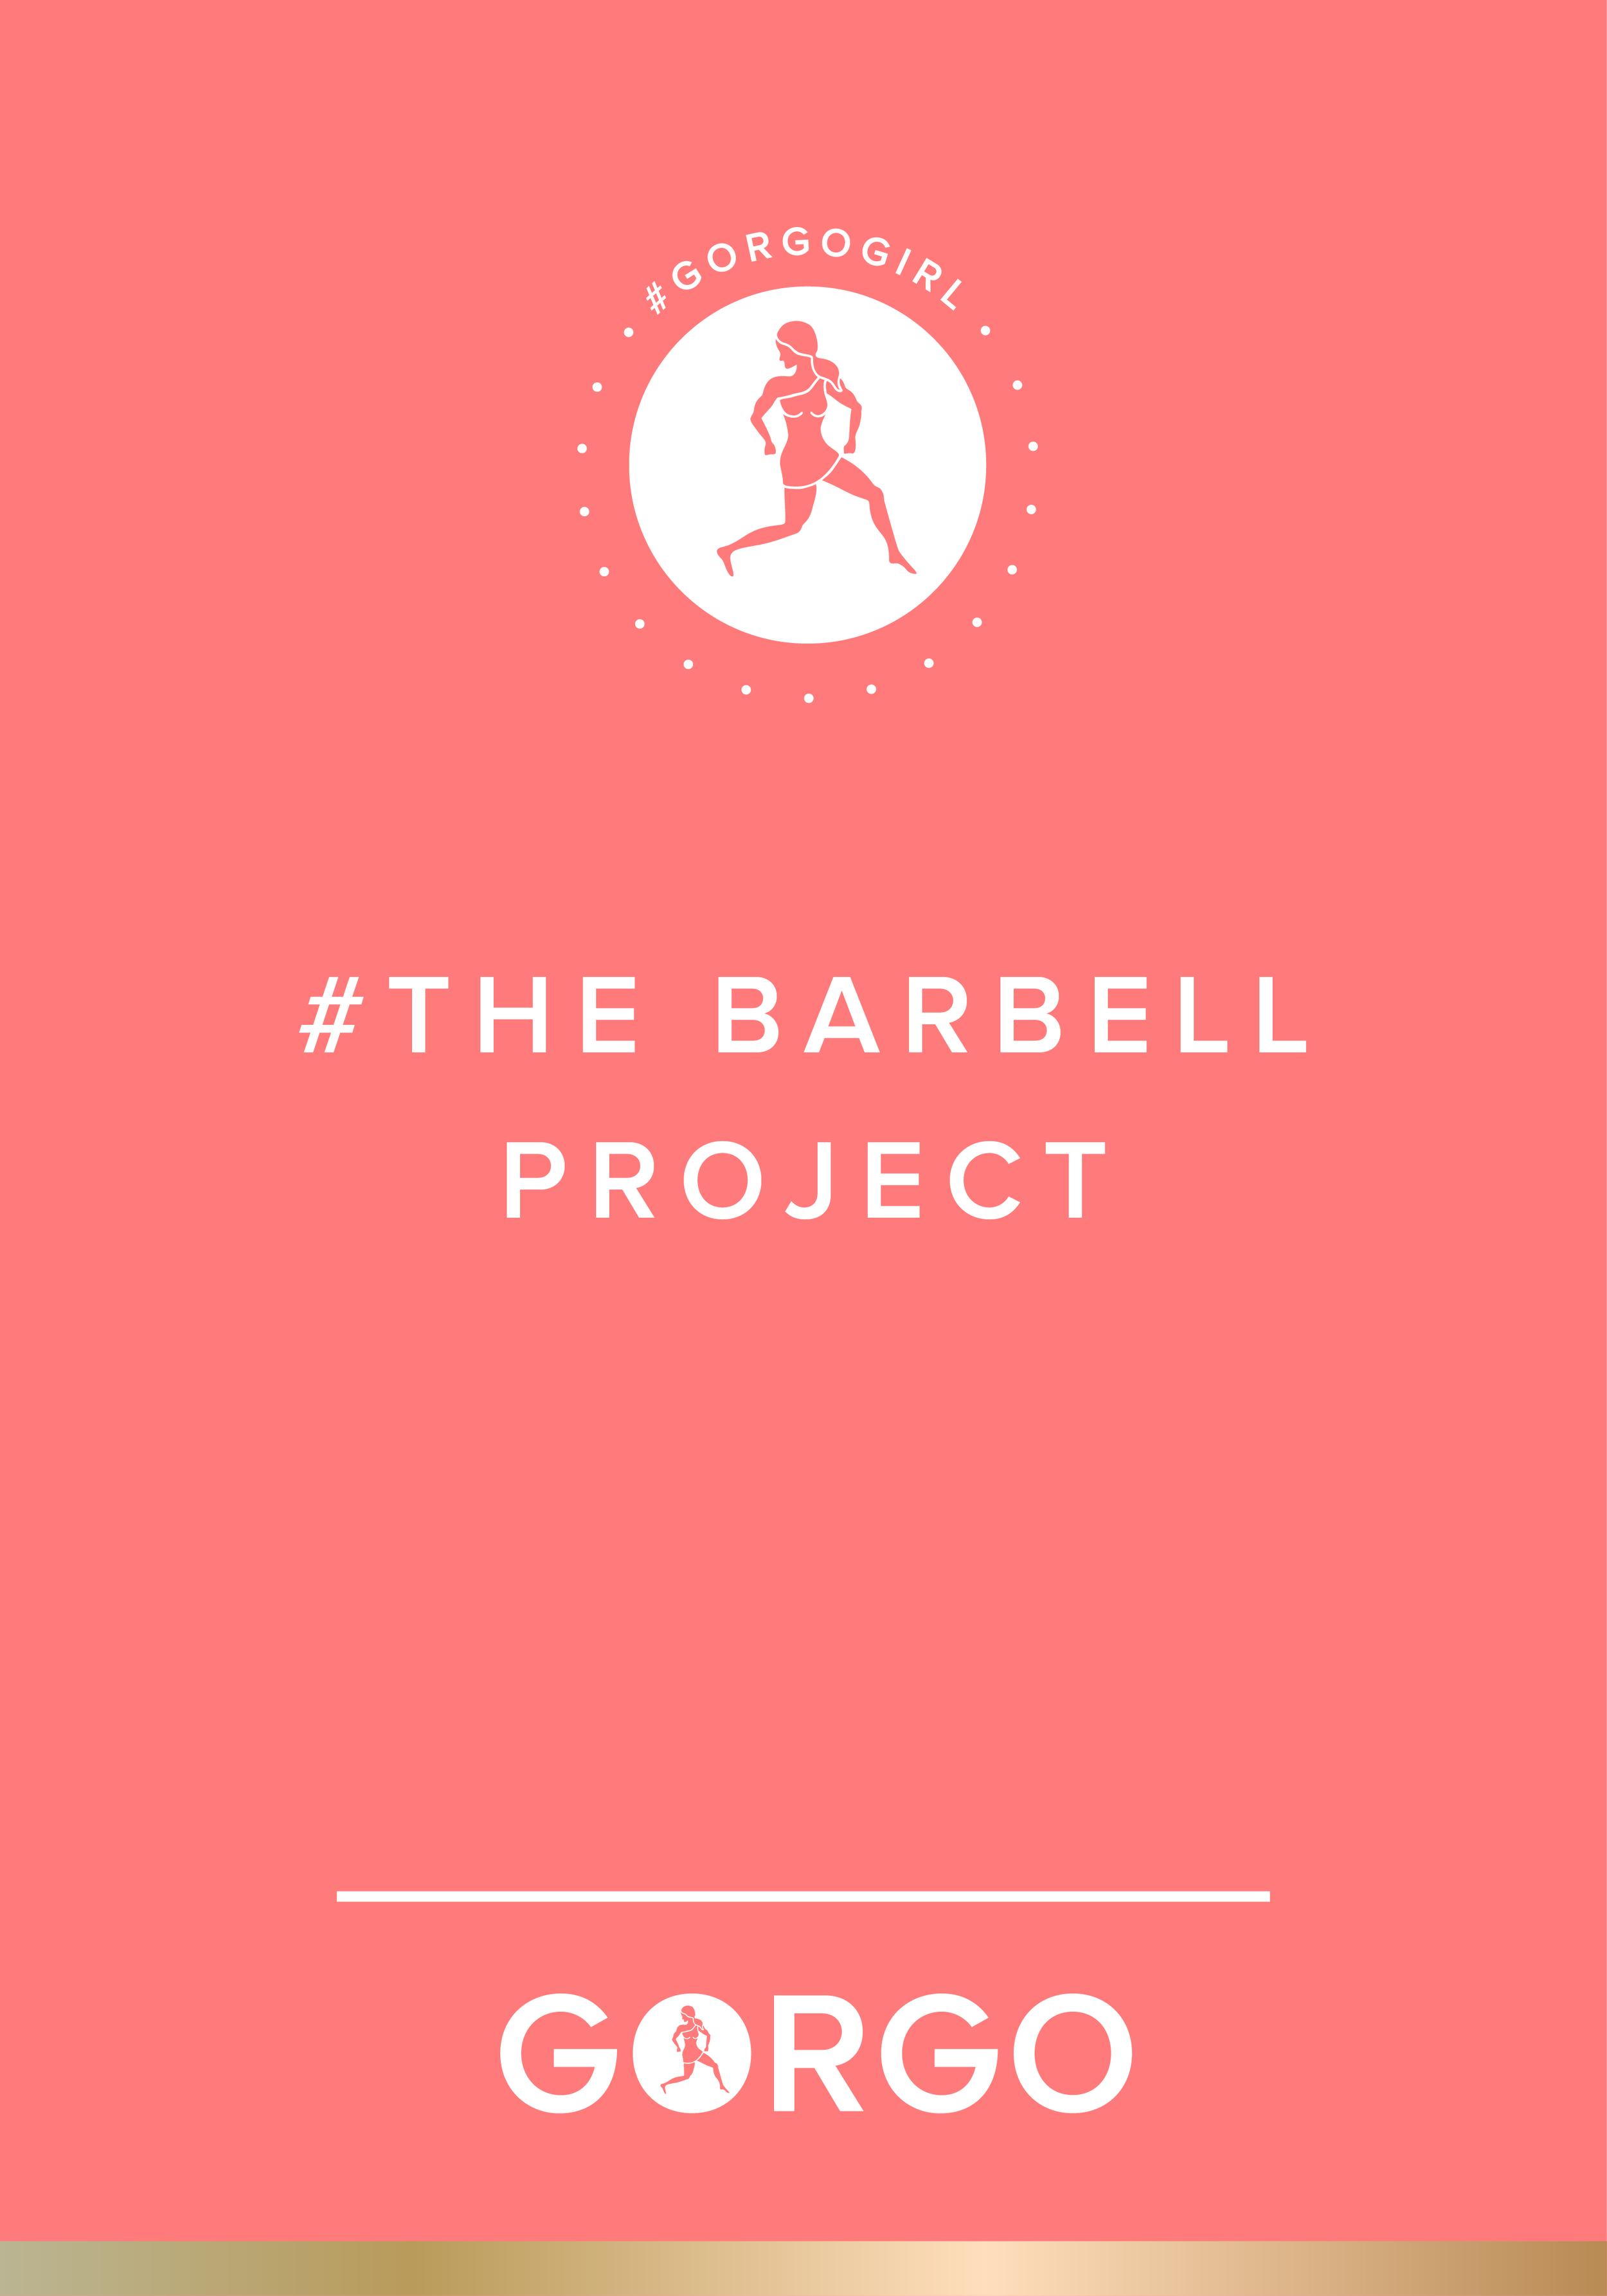 The Barbell Project #gorgogirl